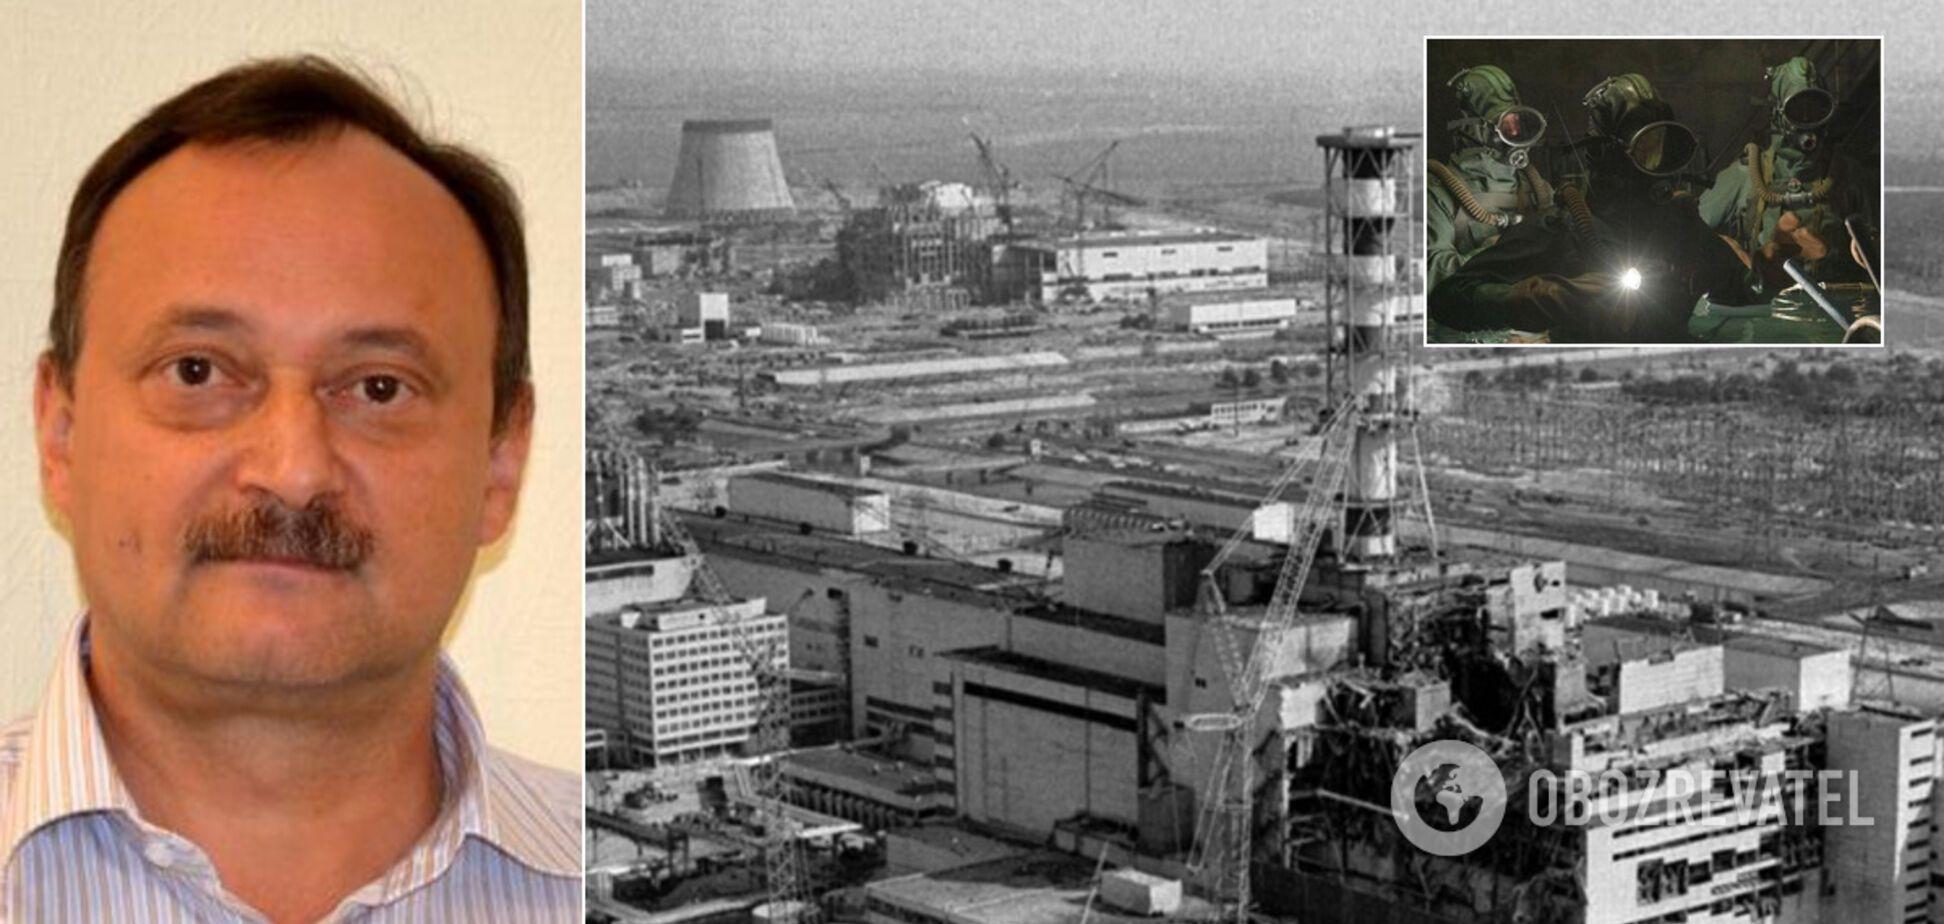 Прототип героя ''Чернобыля'' Ананенко рассказал, каким на самом деле был радиационный ад